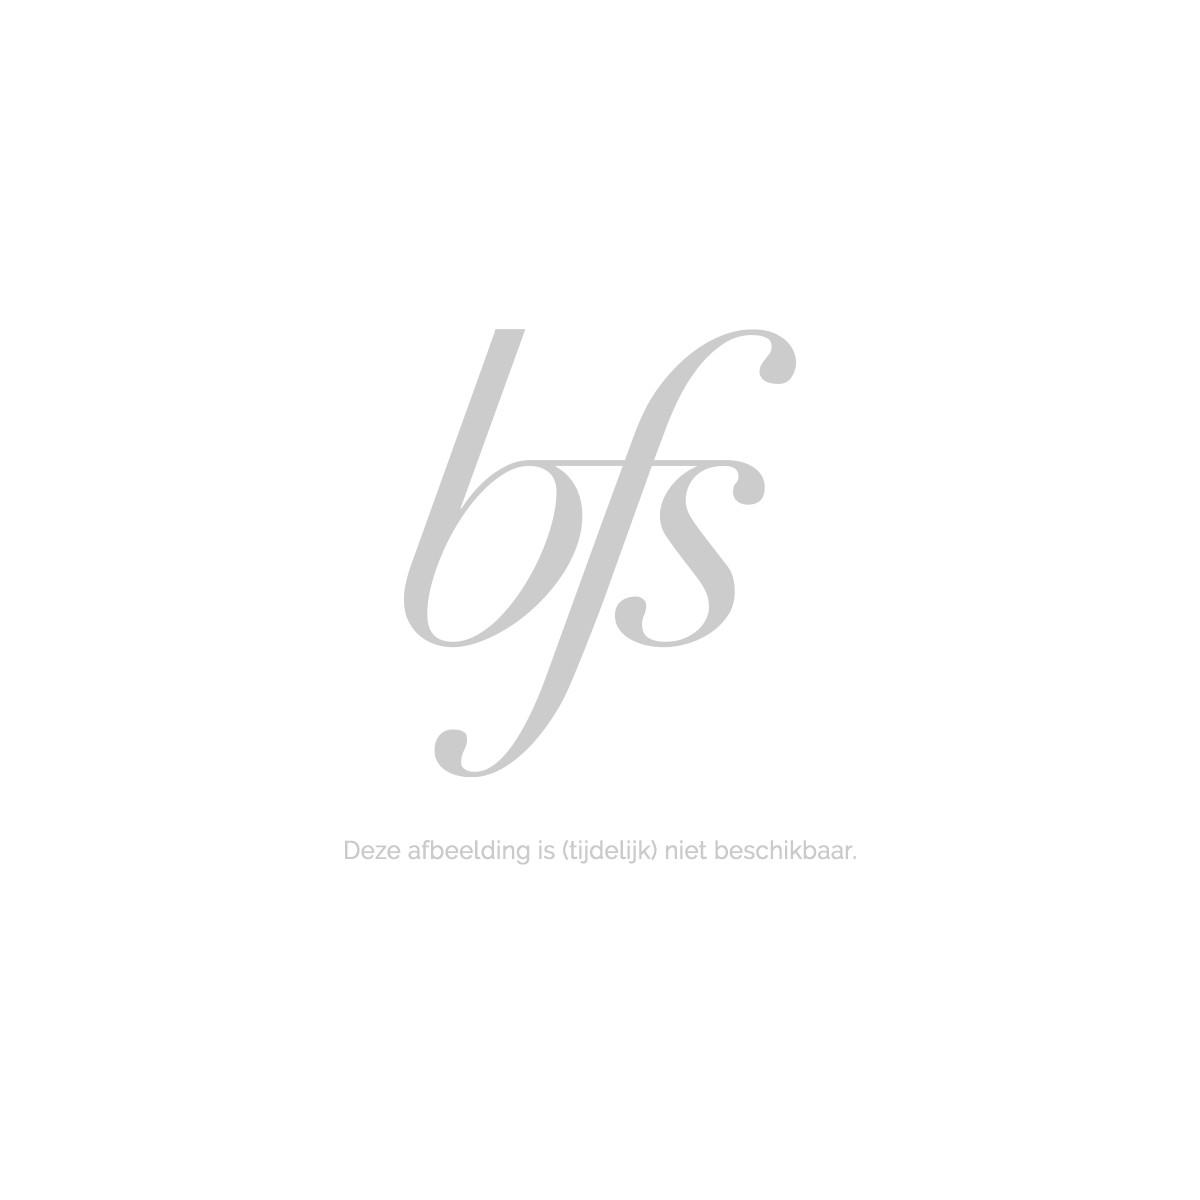 Guerlain La Petite Robe Noire Shiny Lip Colour #073 Orchid Beanie 2,80 gr